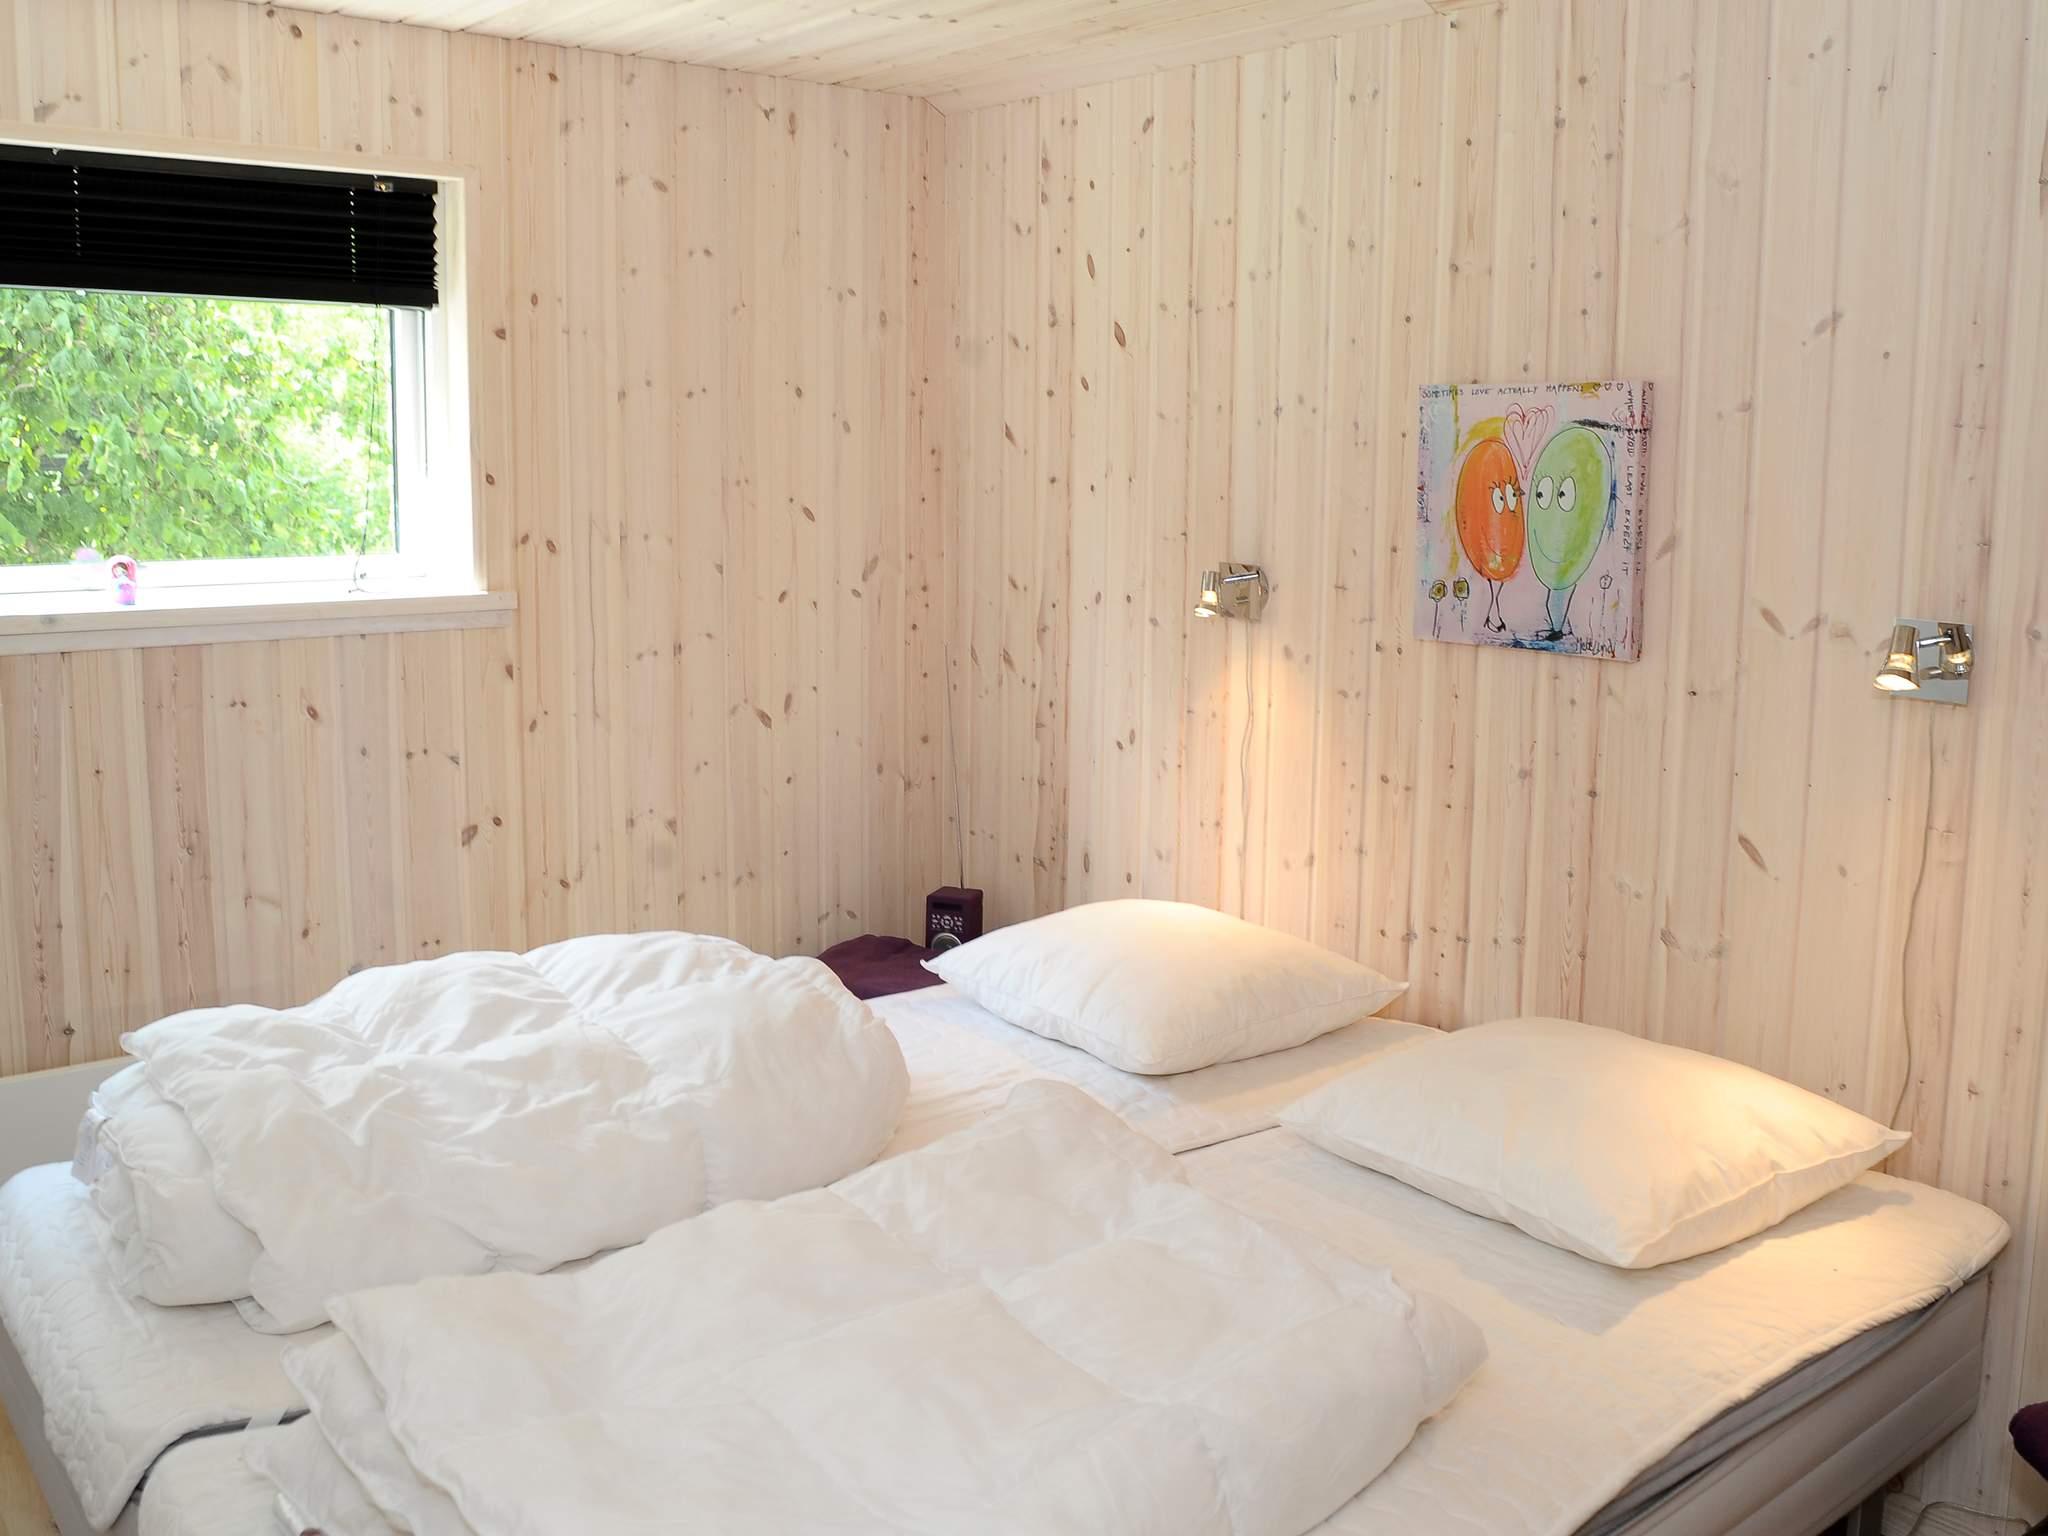 Ferienhaus Silkeborg (490433), Silkeborg, , Ostjütland, Dänemark, Bild 8